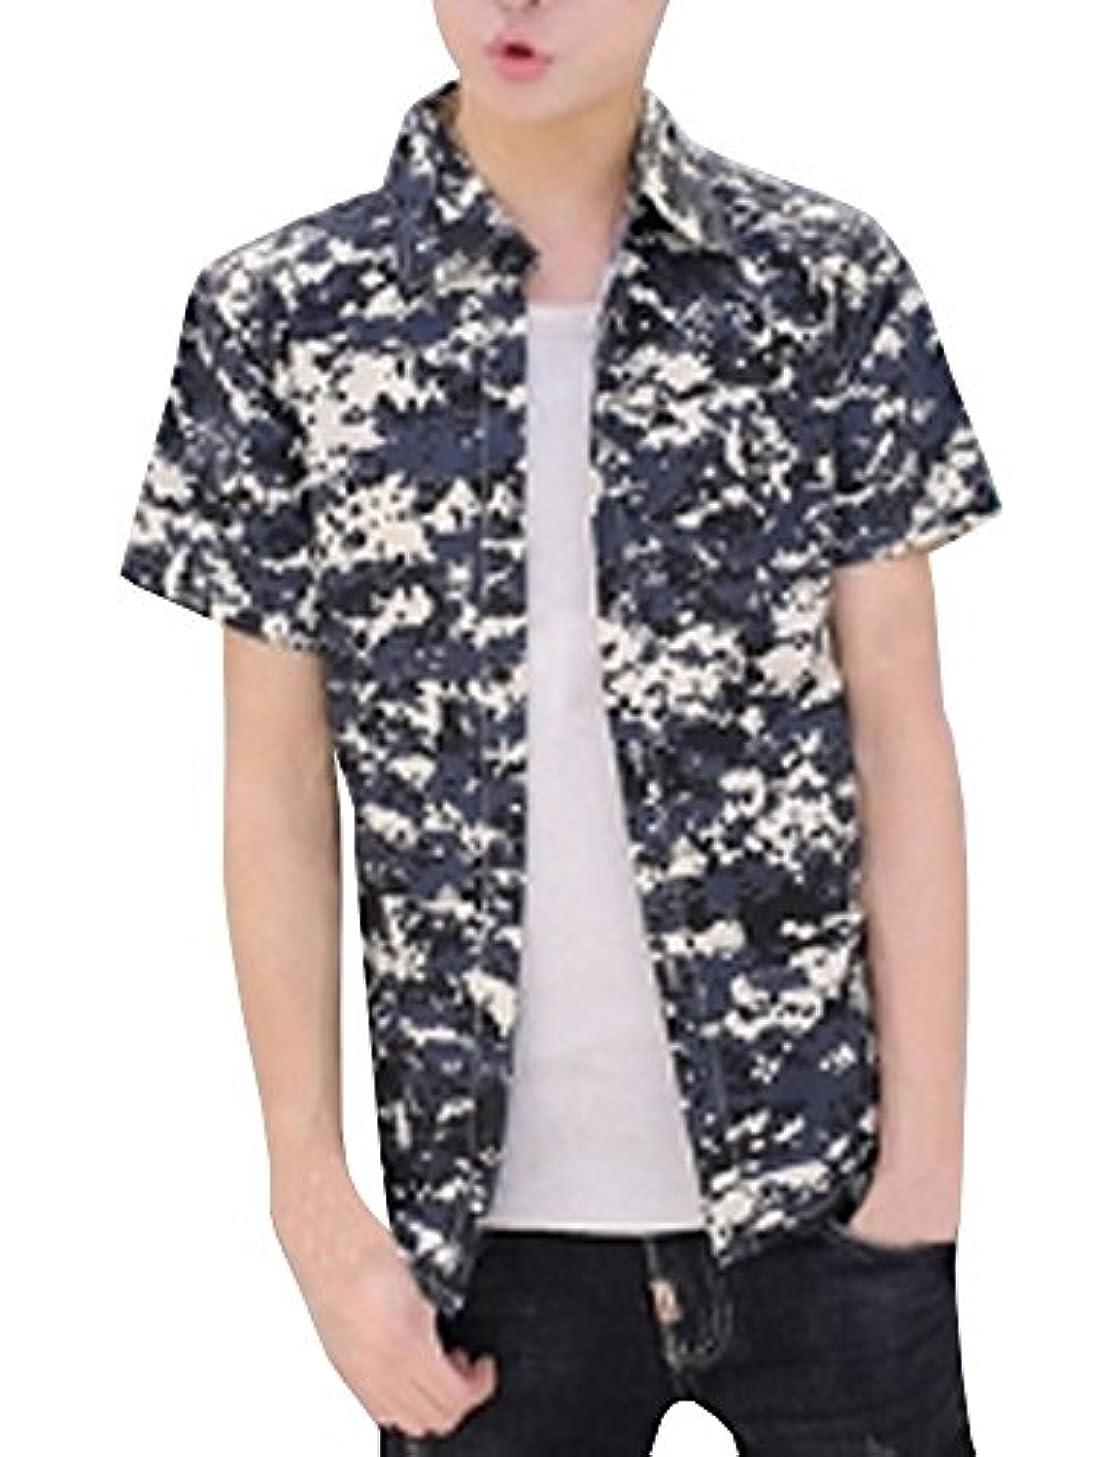 放つ破滅的な行方不明(ネルロッソ) NERLosso シャツ メンズ 半袖 yシャツ ワイシャツ ショートスリーブ スリム リネン ボタンダウン メンズシャツ 正規品 cmz2449